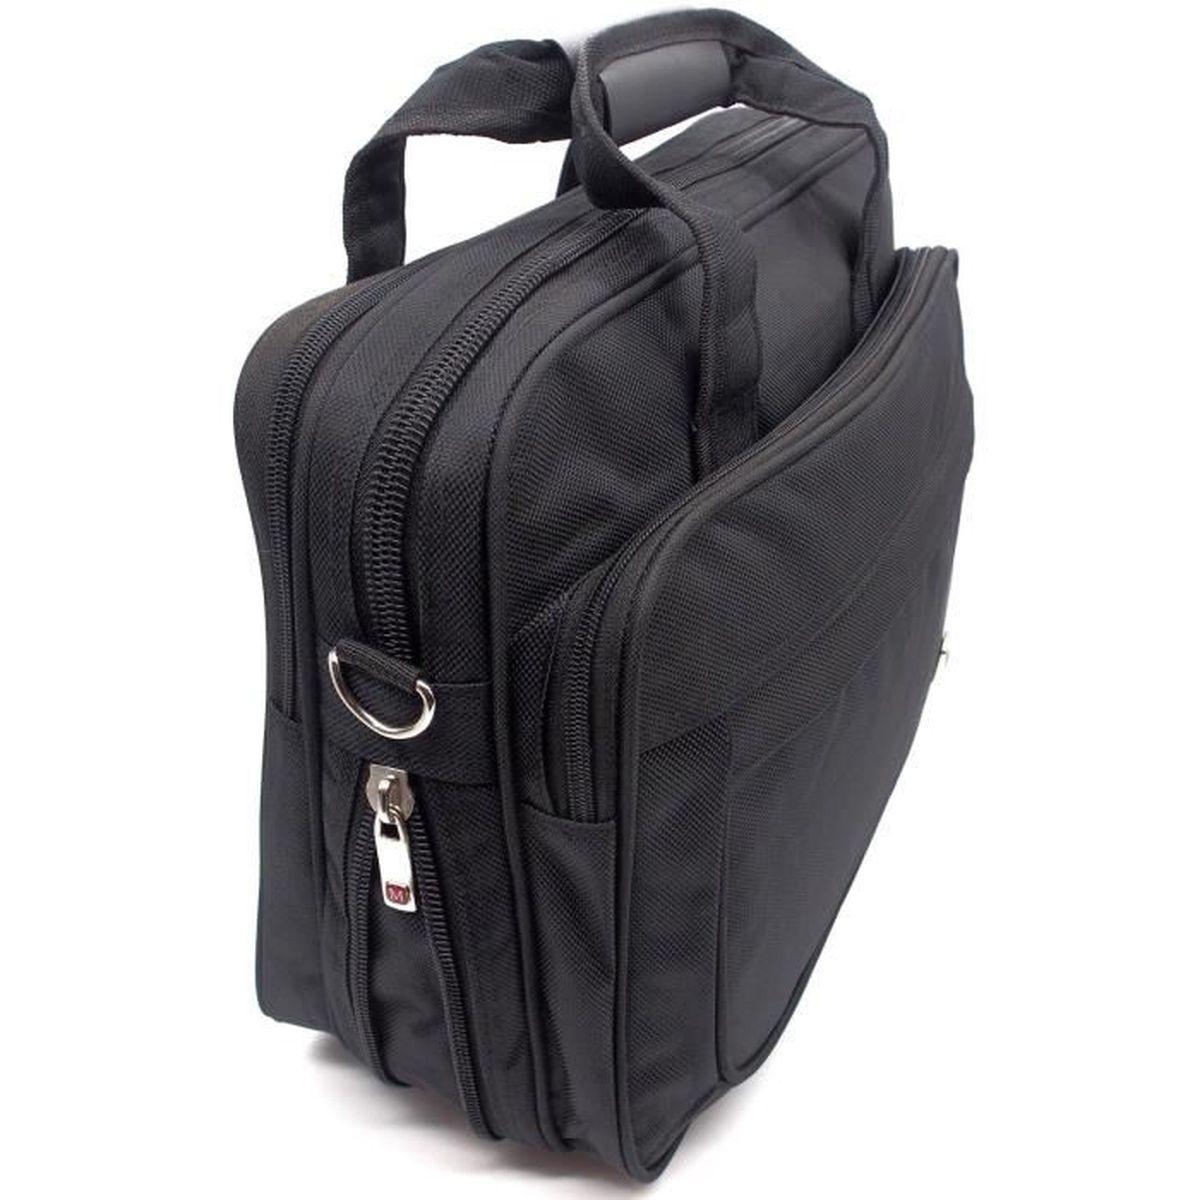 CARTABLE Housse sac bandoulière sacoche cartable ordinateur